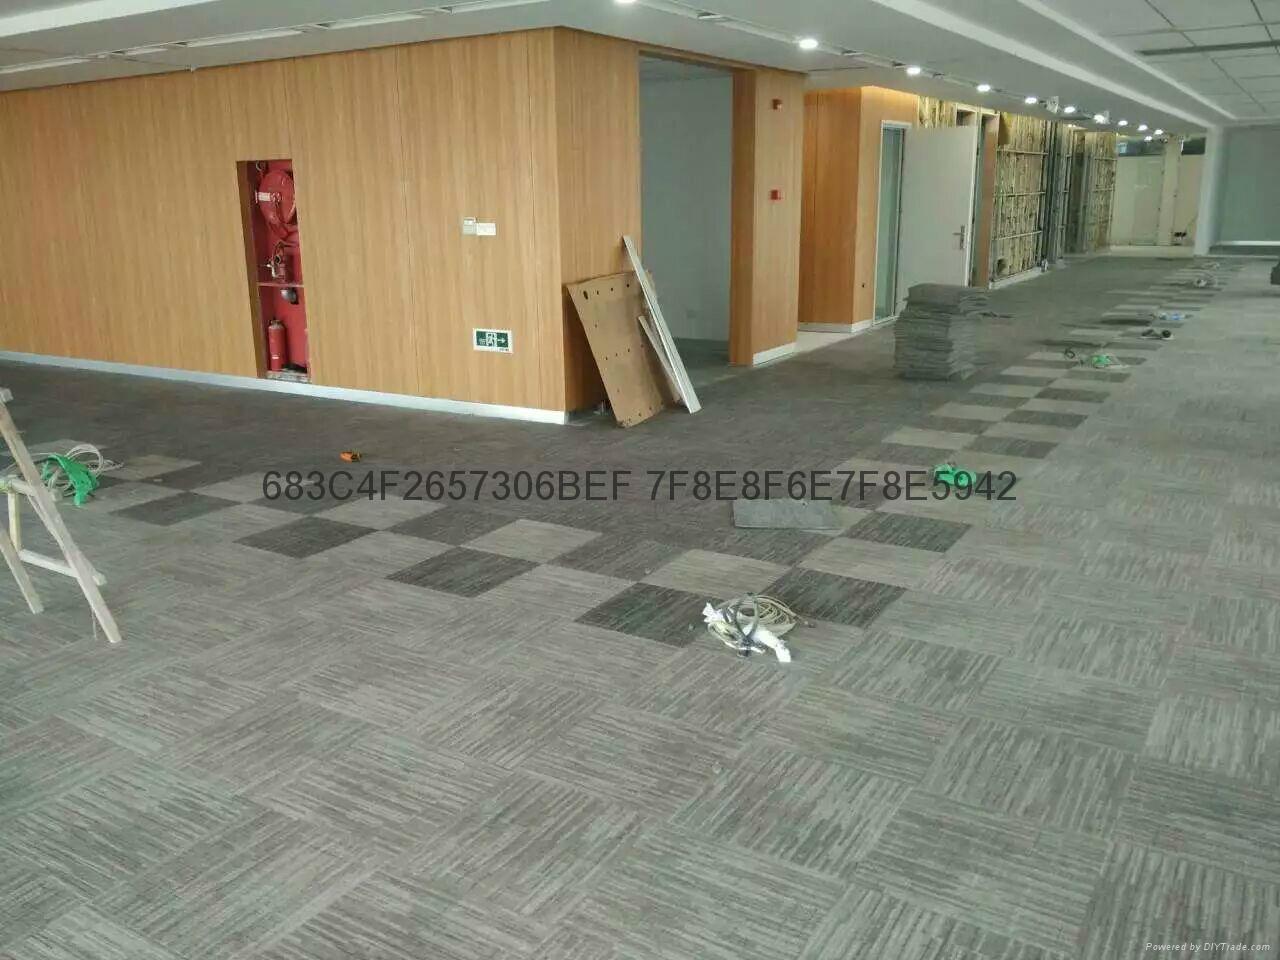 无锡地毯厂家办公地毯宾馆商务地毯 5